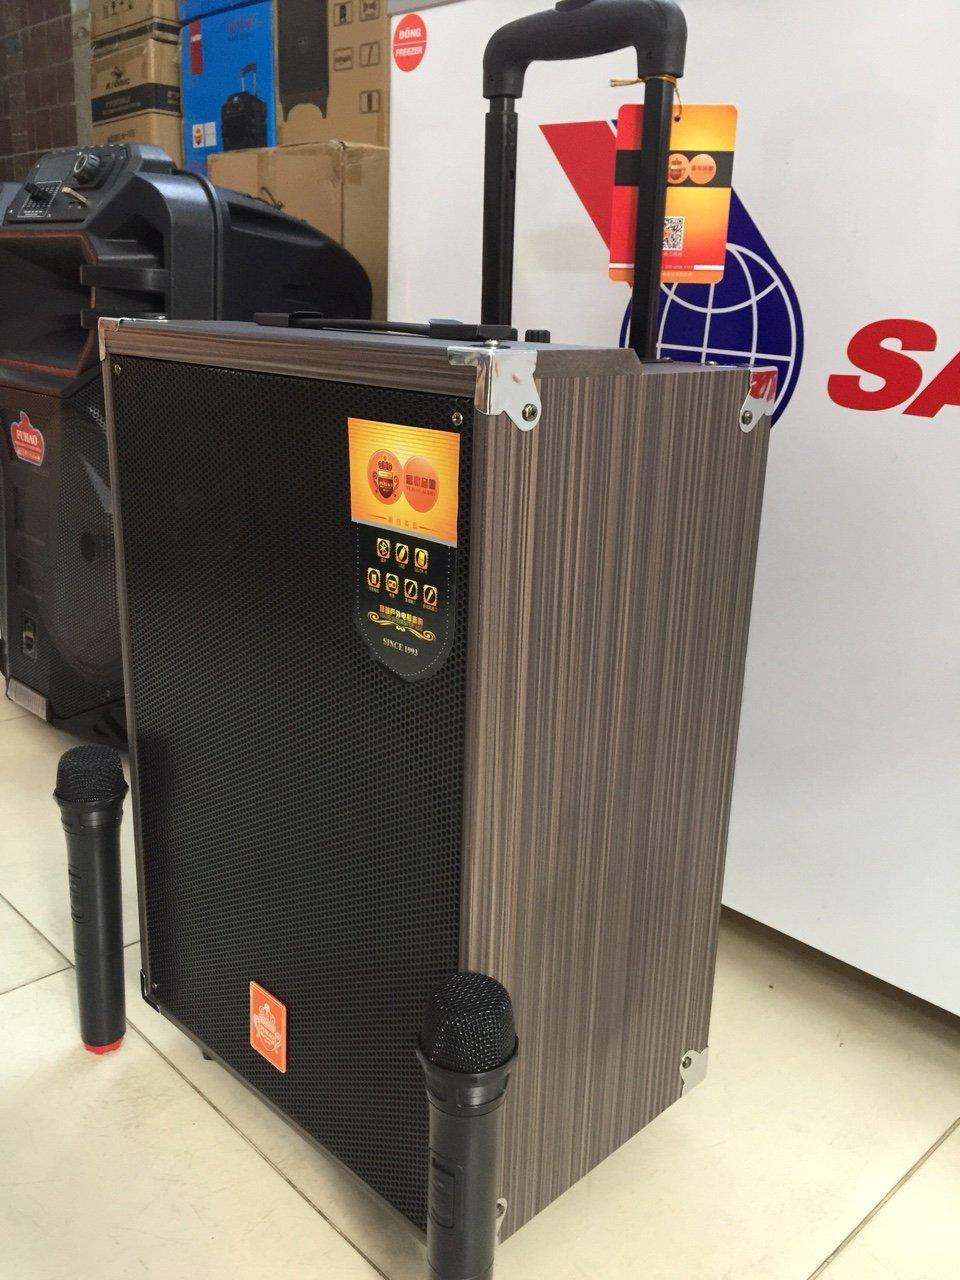 Loa kéo Q12 2 mic thùng gỗ siêu hay giá sỉ và lẻ rẻ nhất